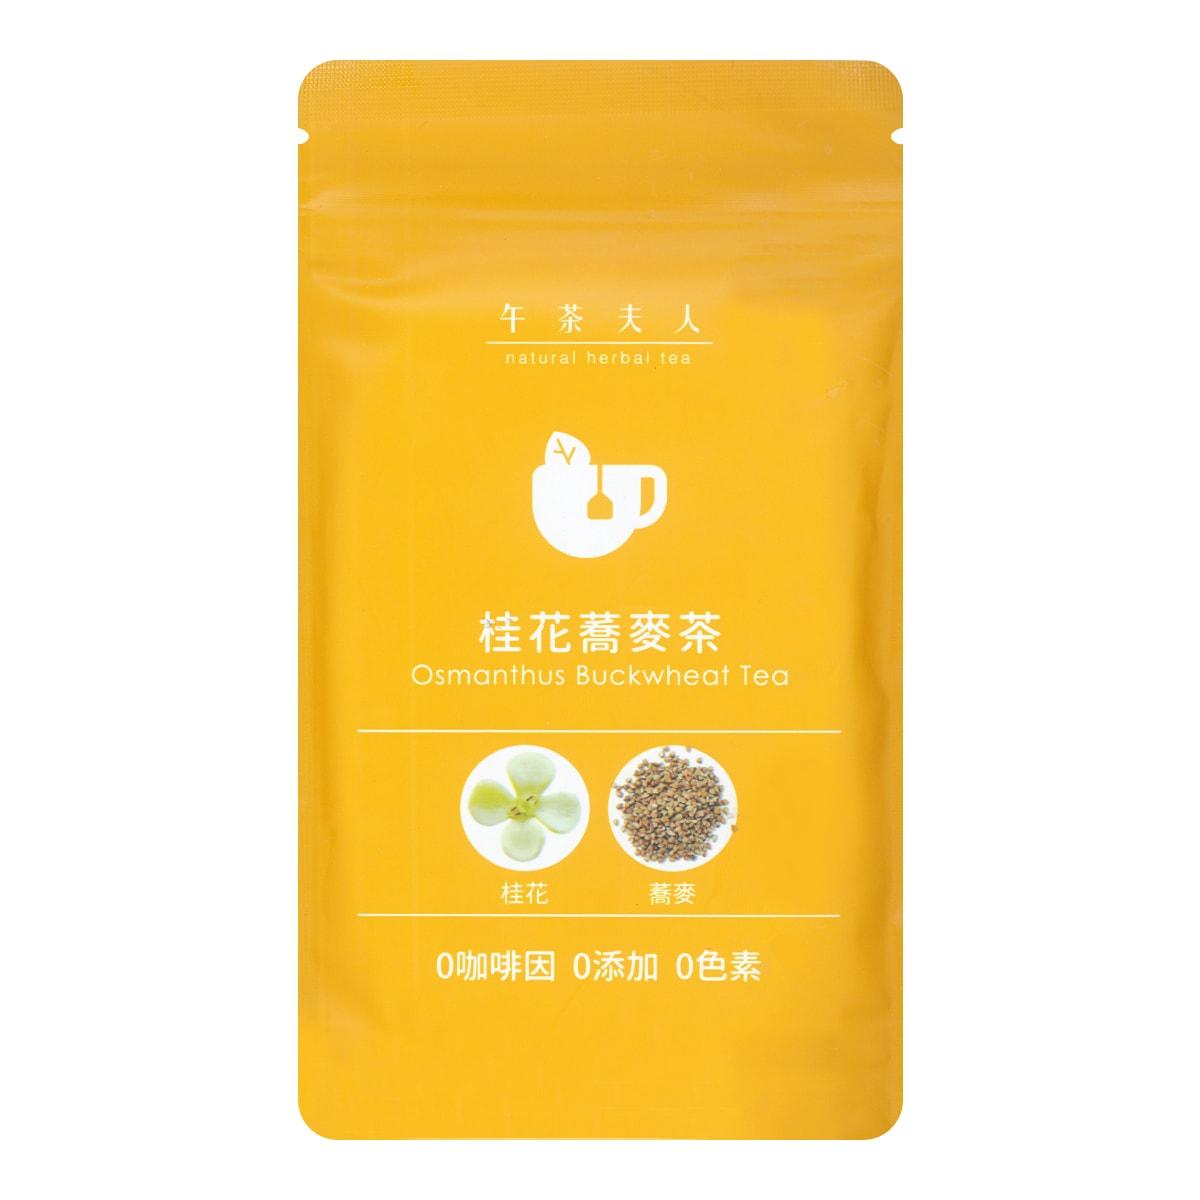 台湾午茶夫人 桂花荞麦茶 10包入 26g